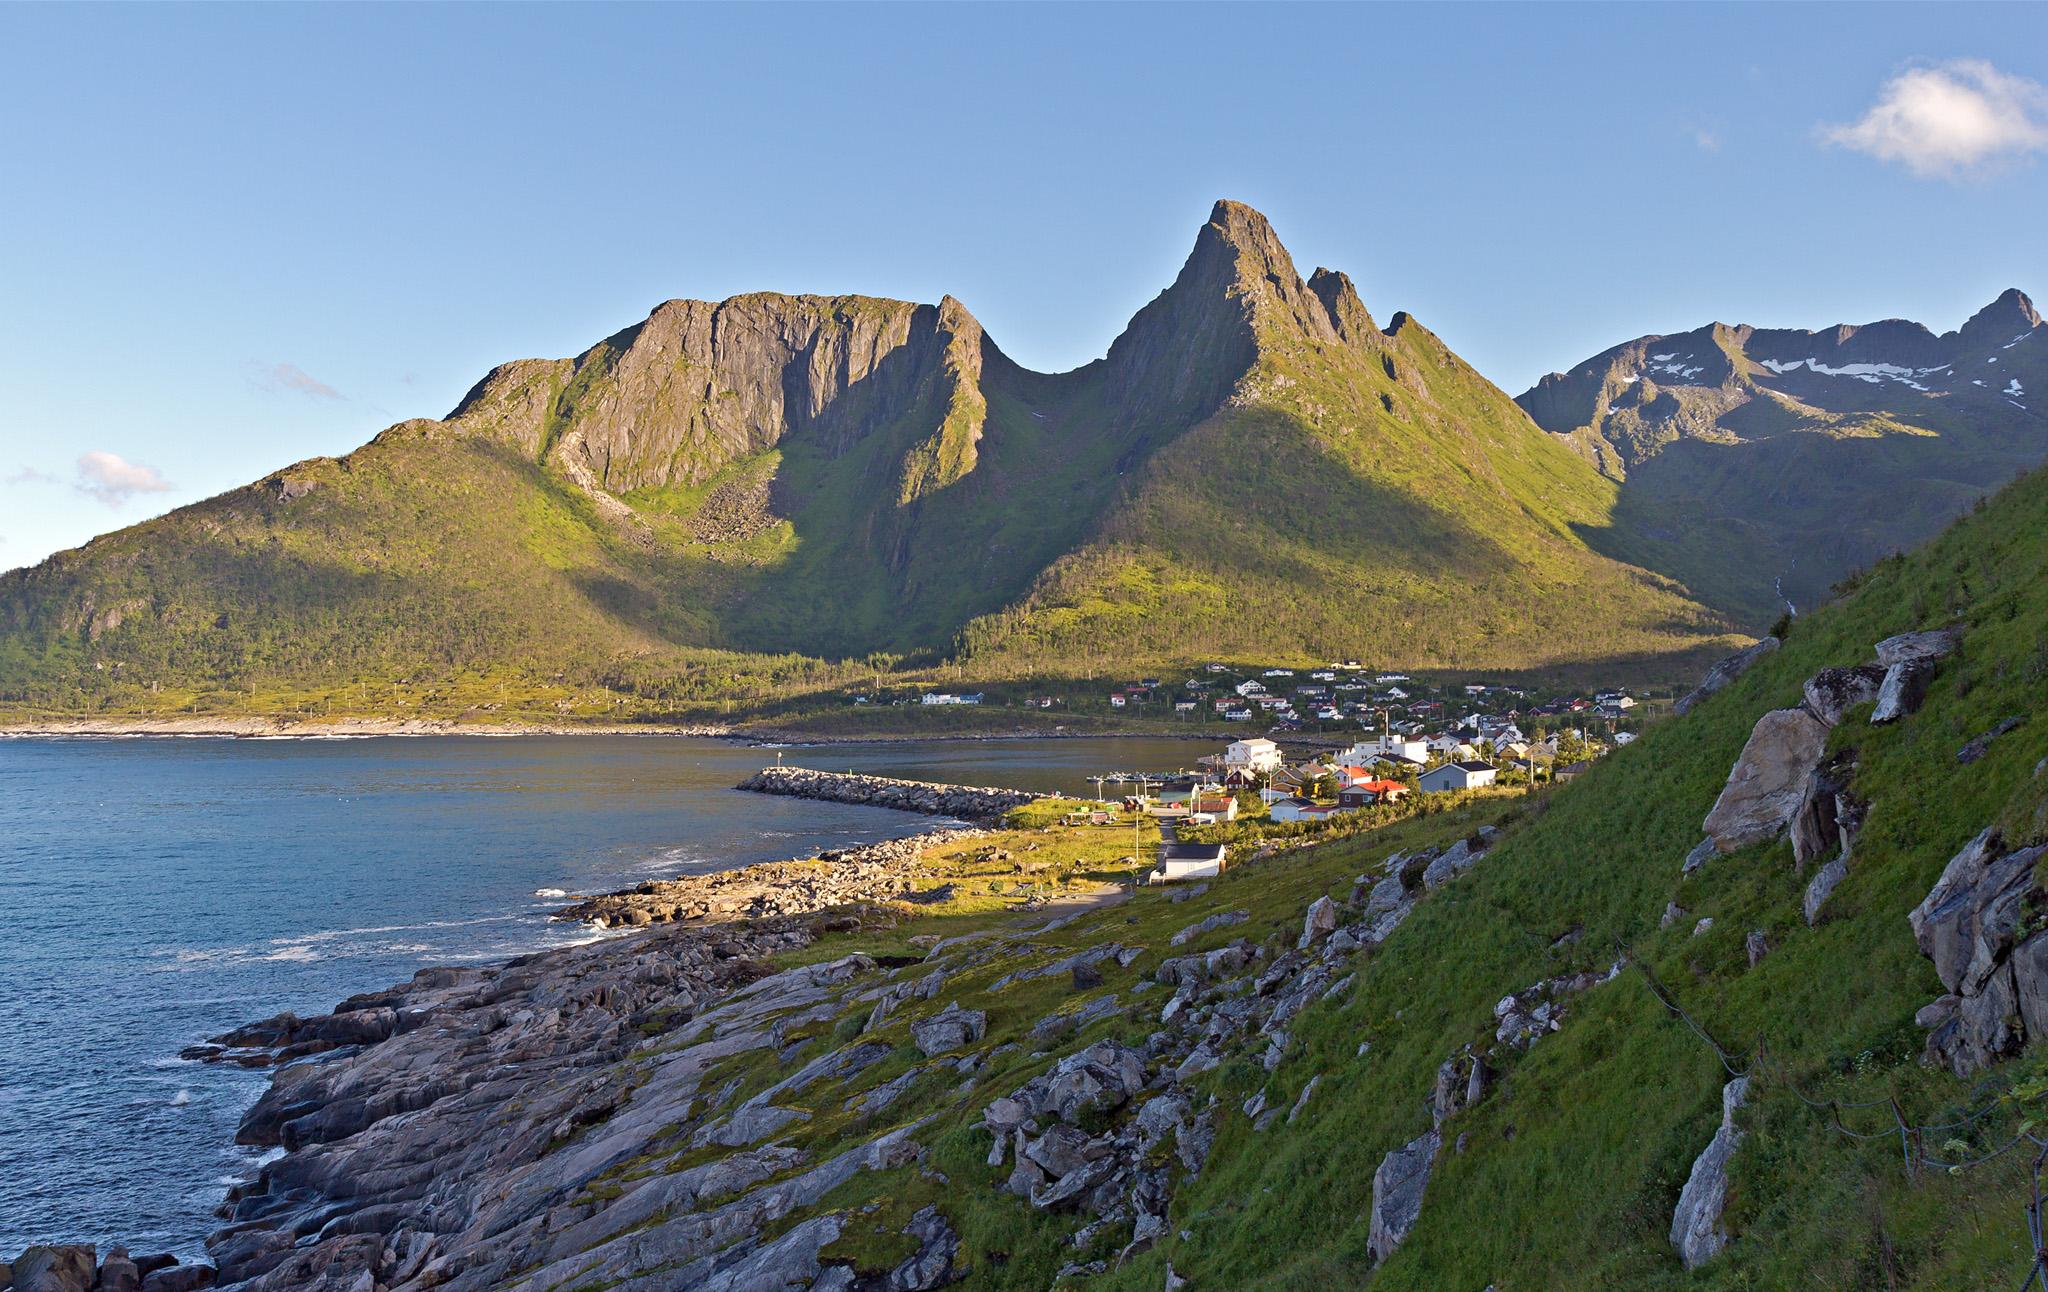 Senja Noorwegen zeilen wandelen bergen visserdorp middernachtzon hike sailing